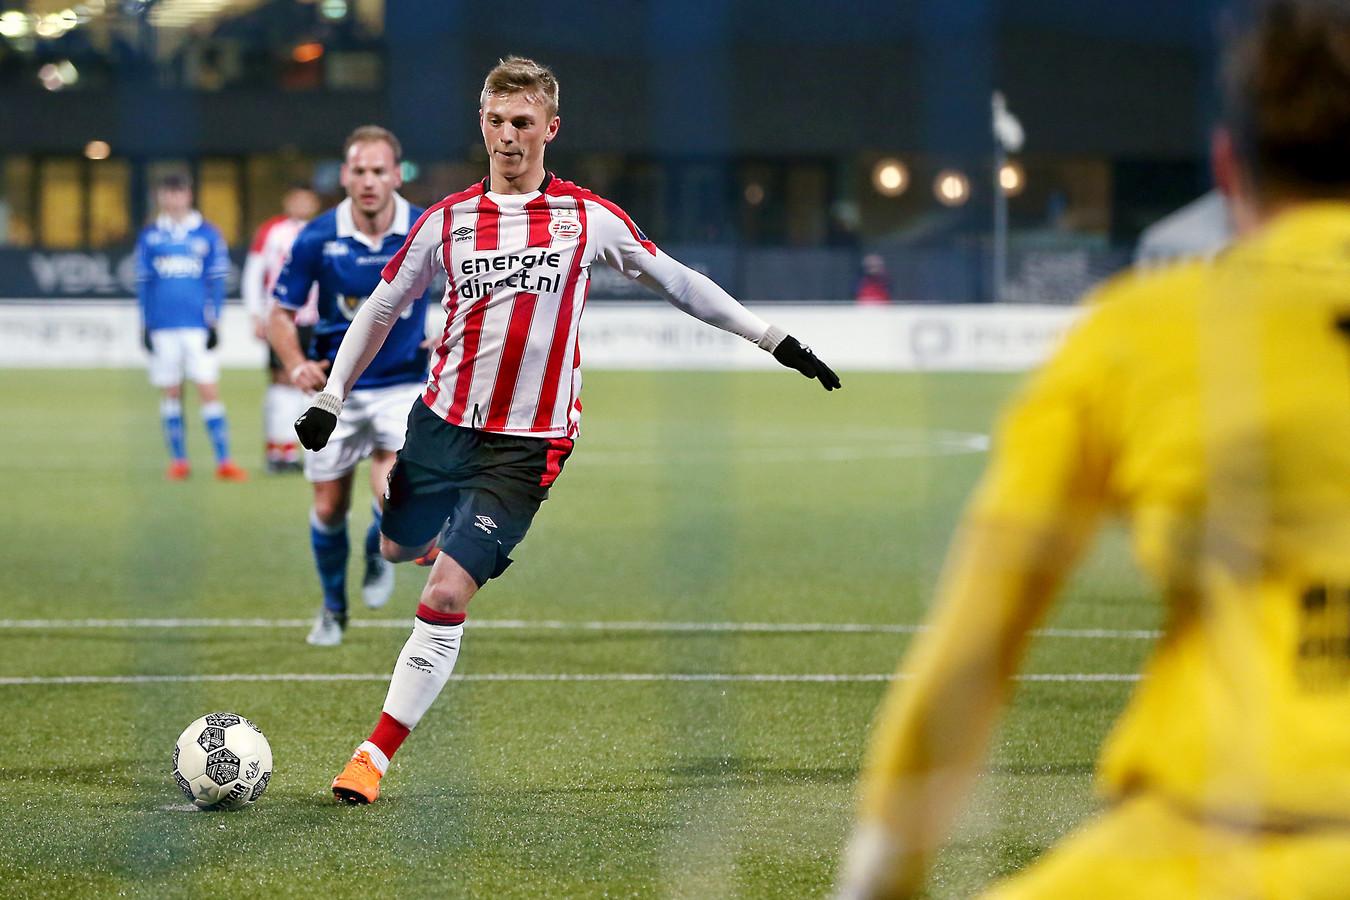 Albert Gudmundsson maakt de 1-0 voor PSV in het duel met FC Den Bosch.